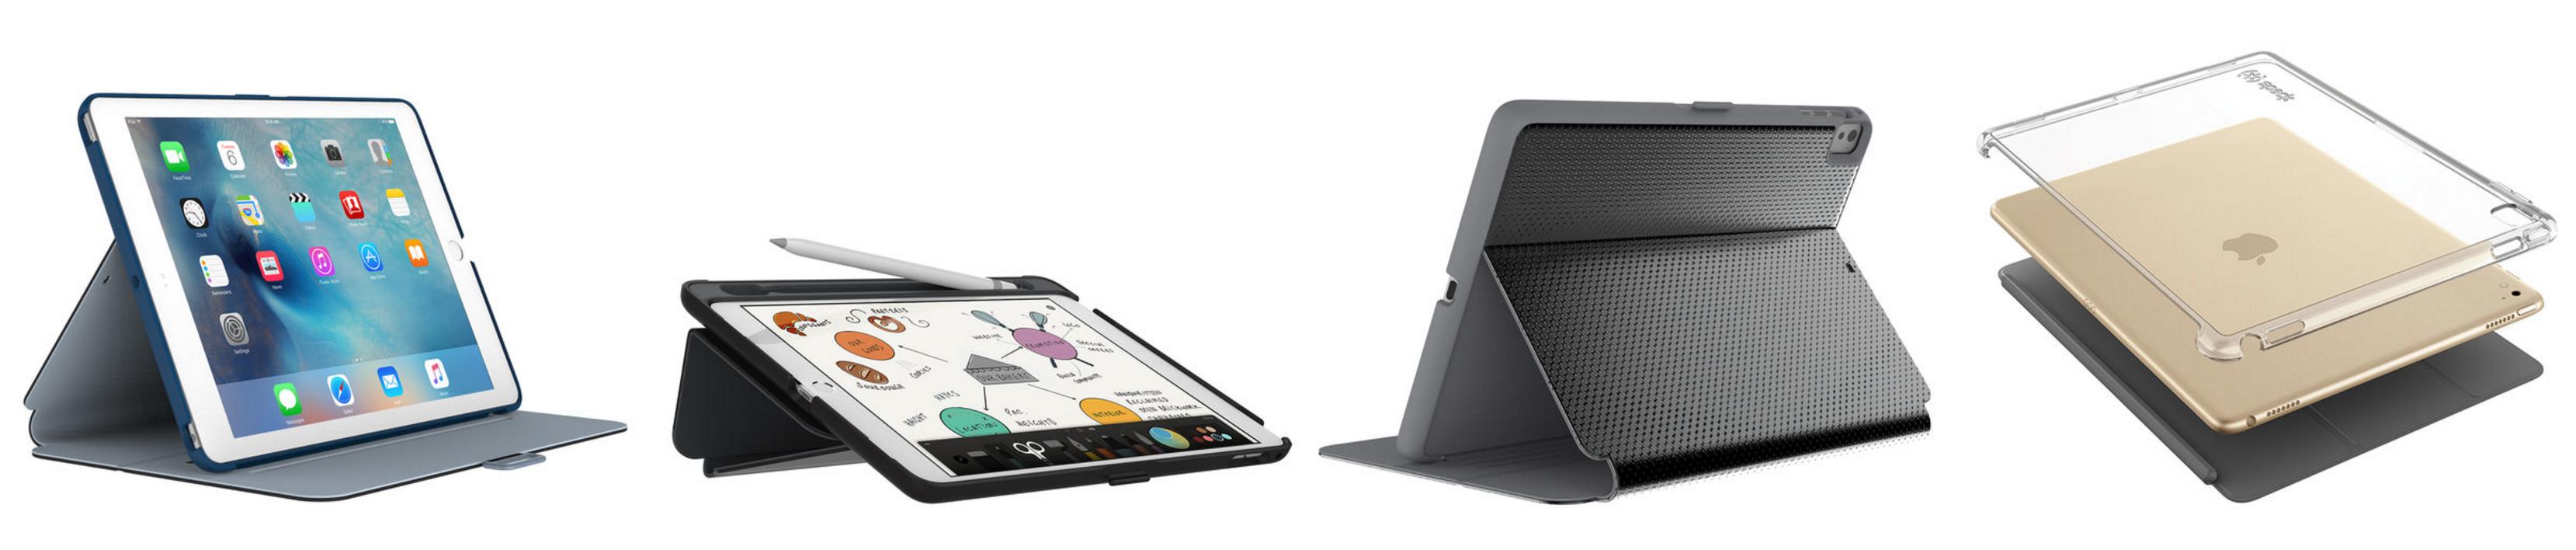 Speck-iPad-pro-cases